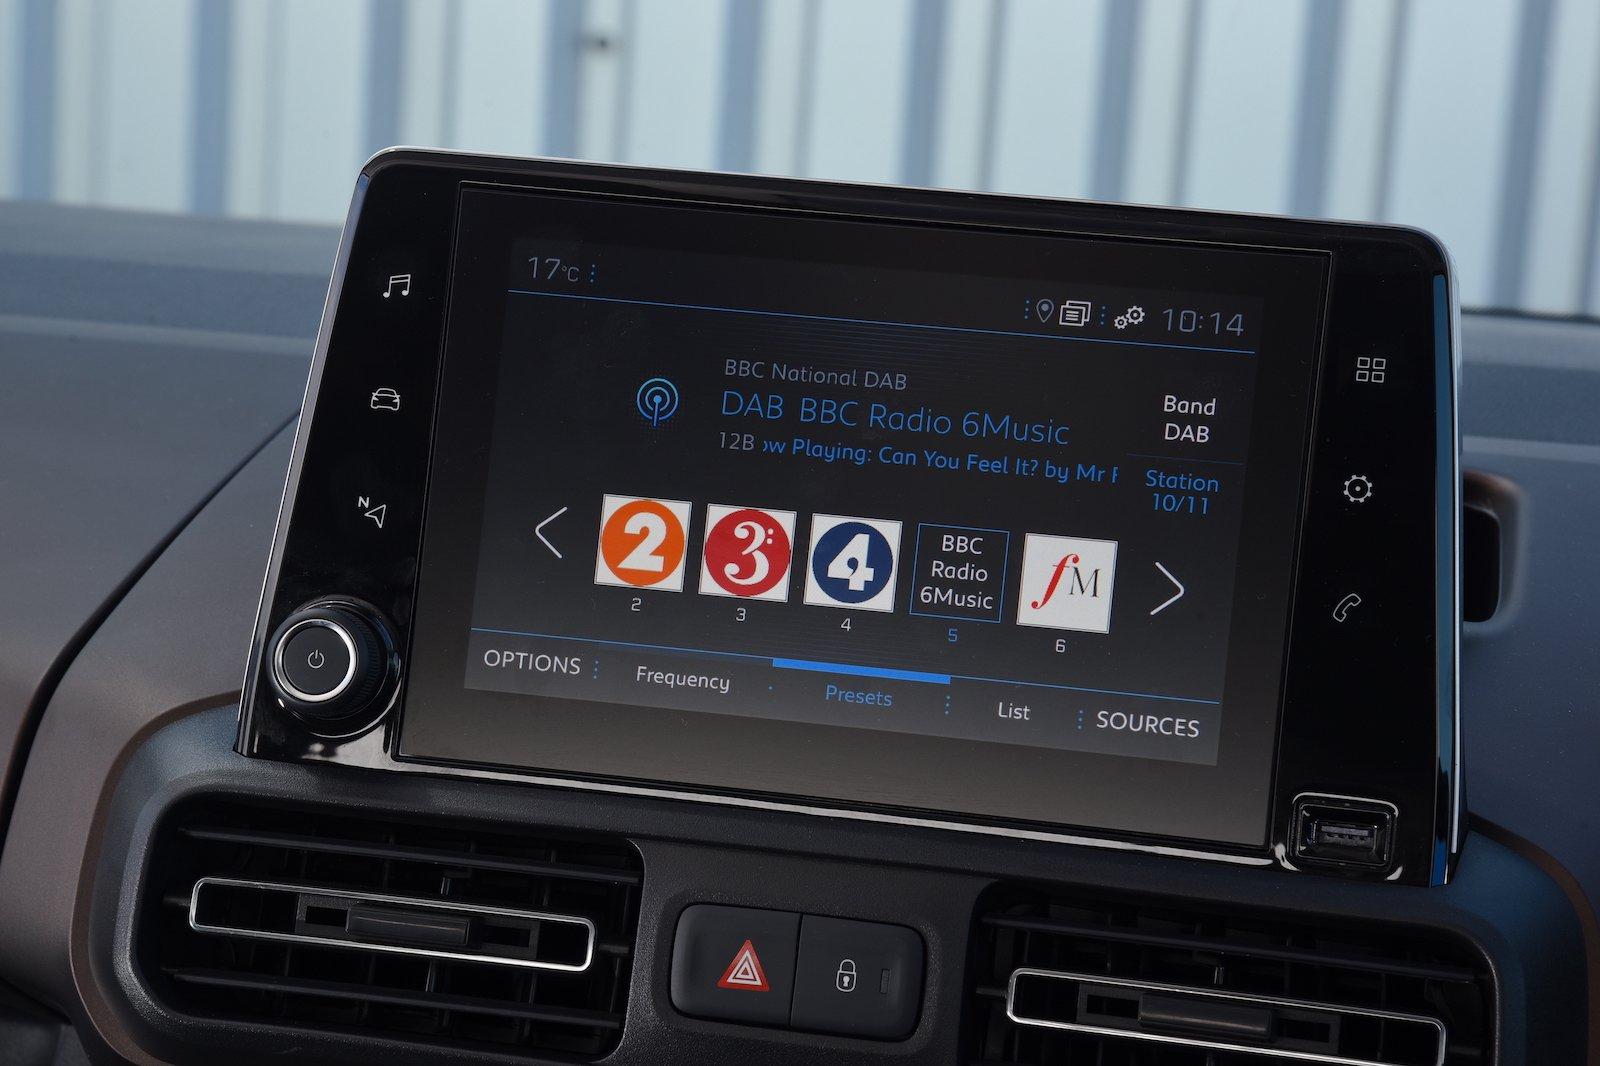 2018 Peugeot Rifter infotainment